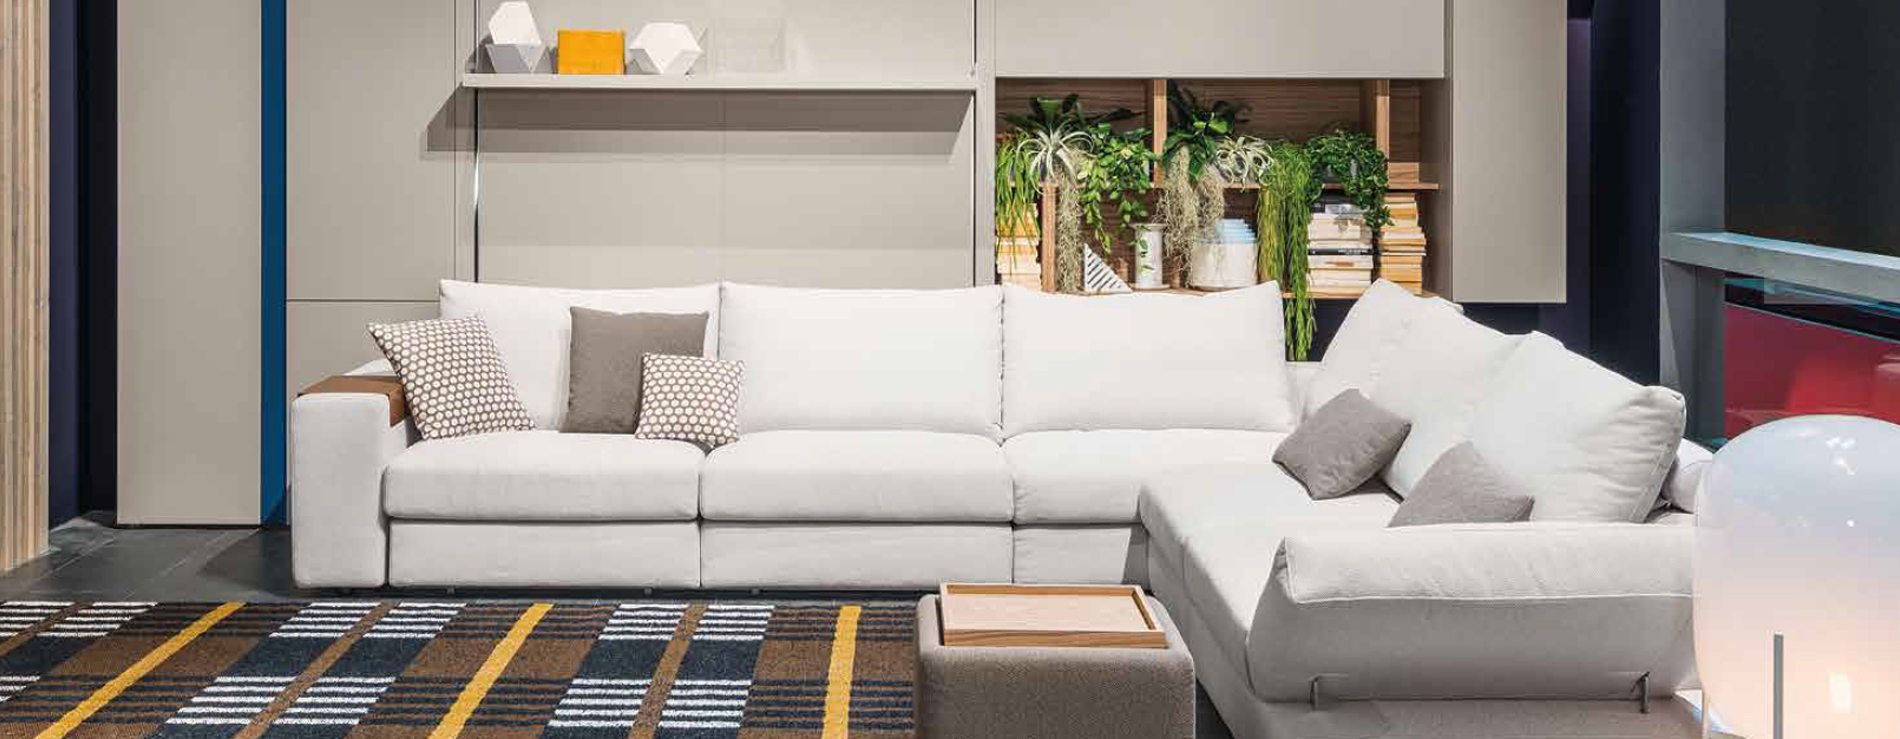 centro mobili cucine scavolini pavia design italiano